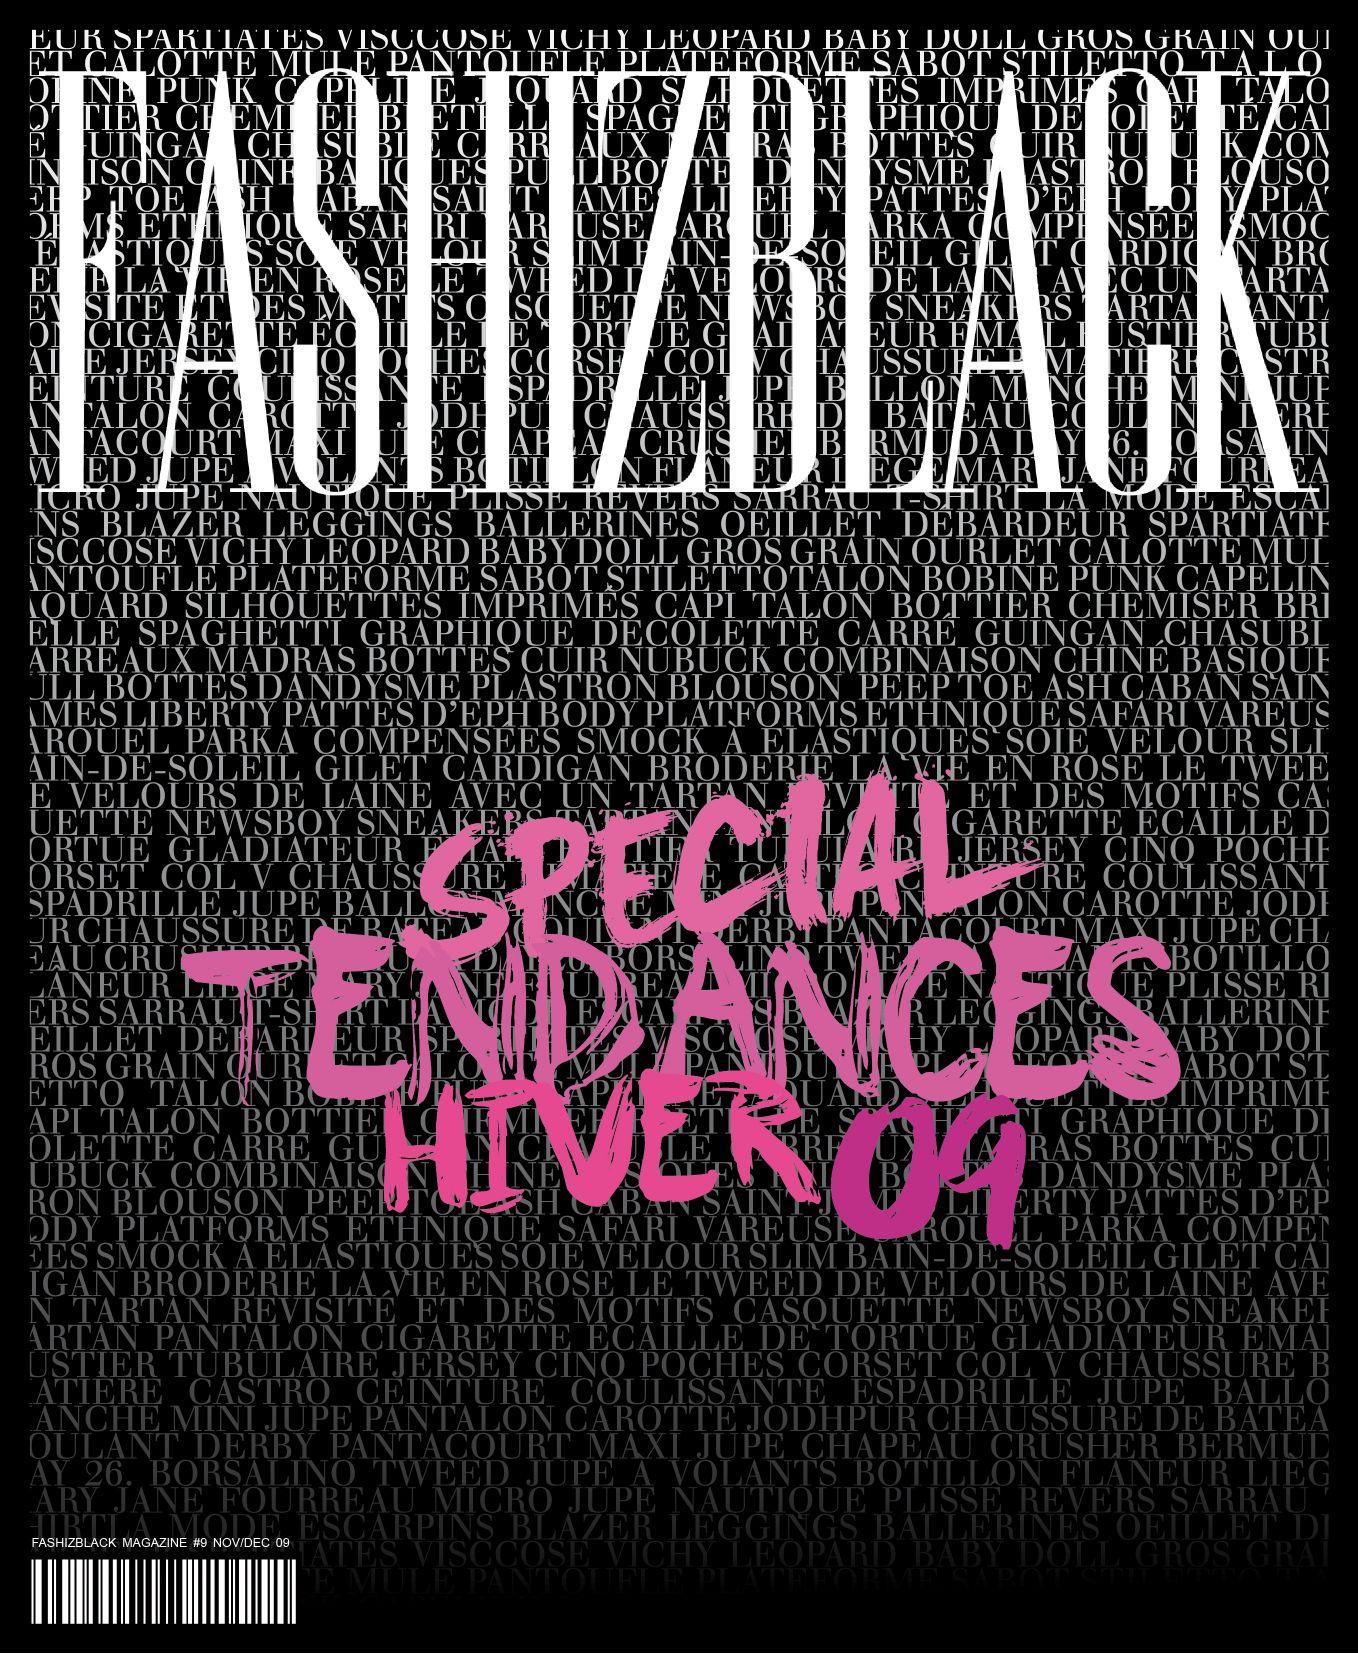 FASHIZBLACK MAGAZINE - NOV DEC 09 - SPECIAL TENDANCES DE L HIVER by  FASHIZBLACK - issuu bff1965a9ea4